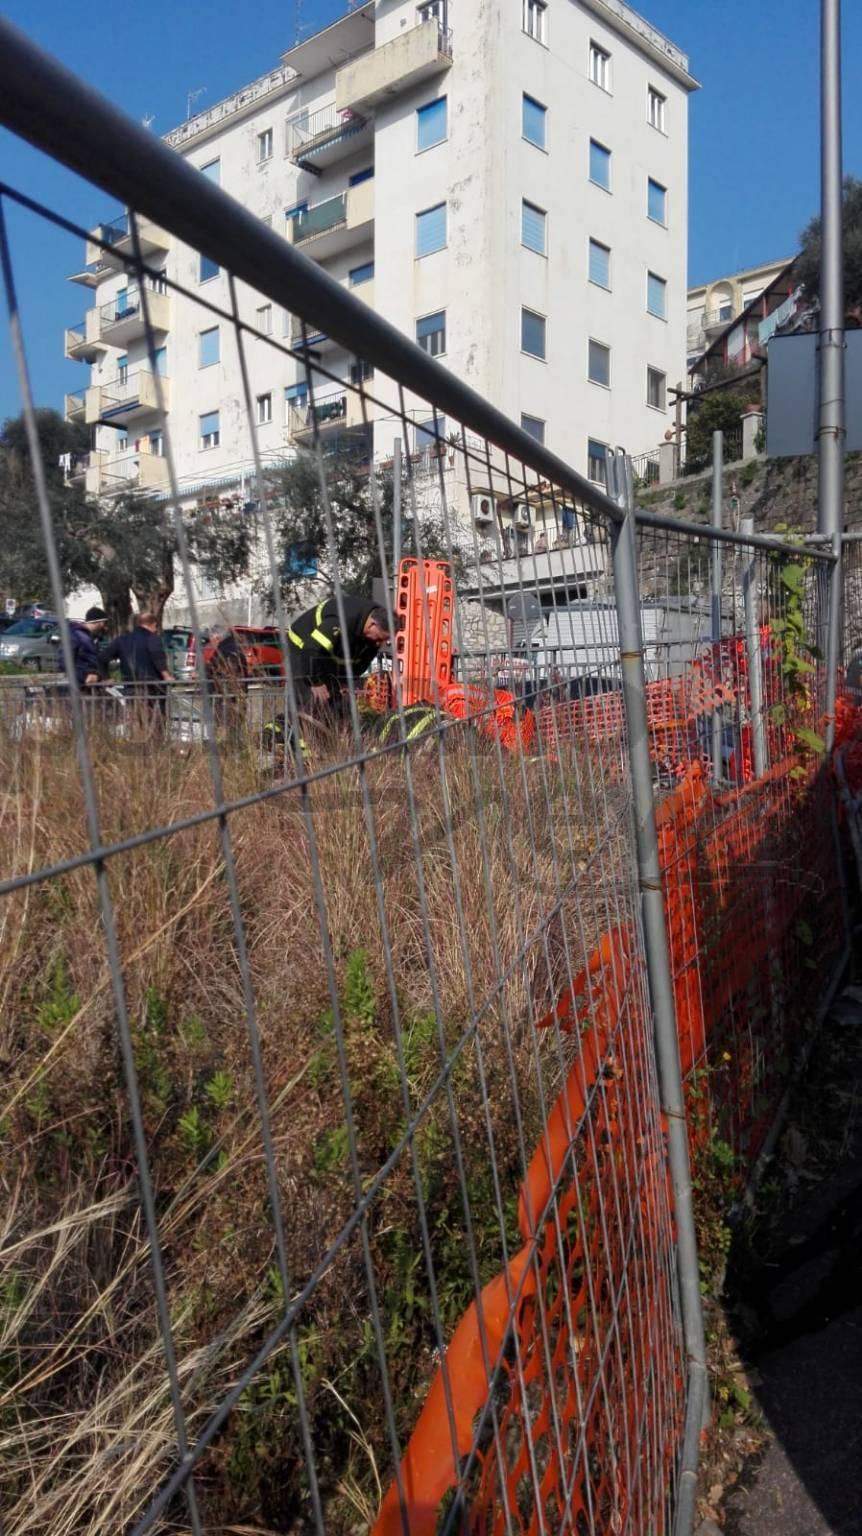 Vico Equense, incidente su Corso Filangieri: un geometra rimane intrappolato in un pozzetto. Sul posto i soccorsi